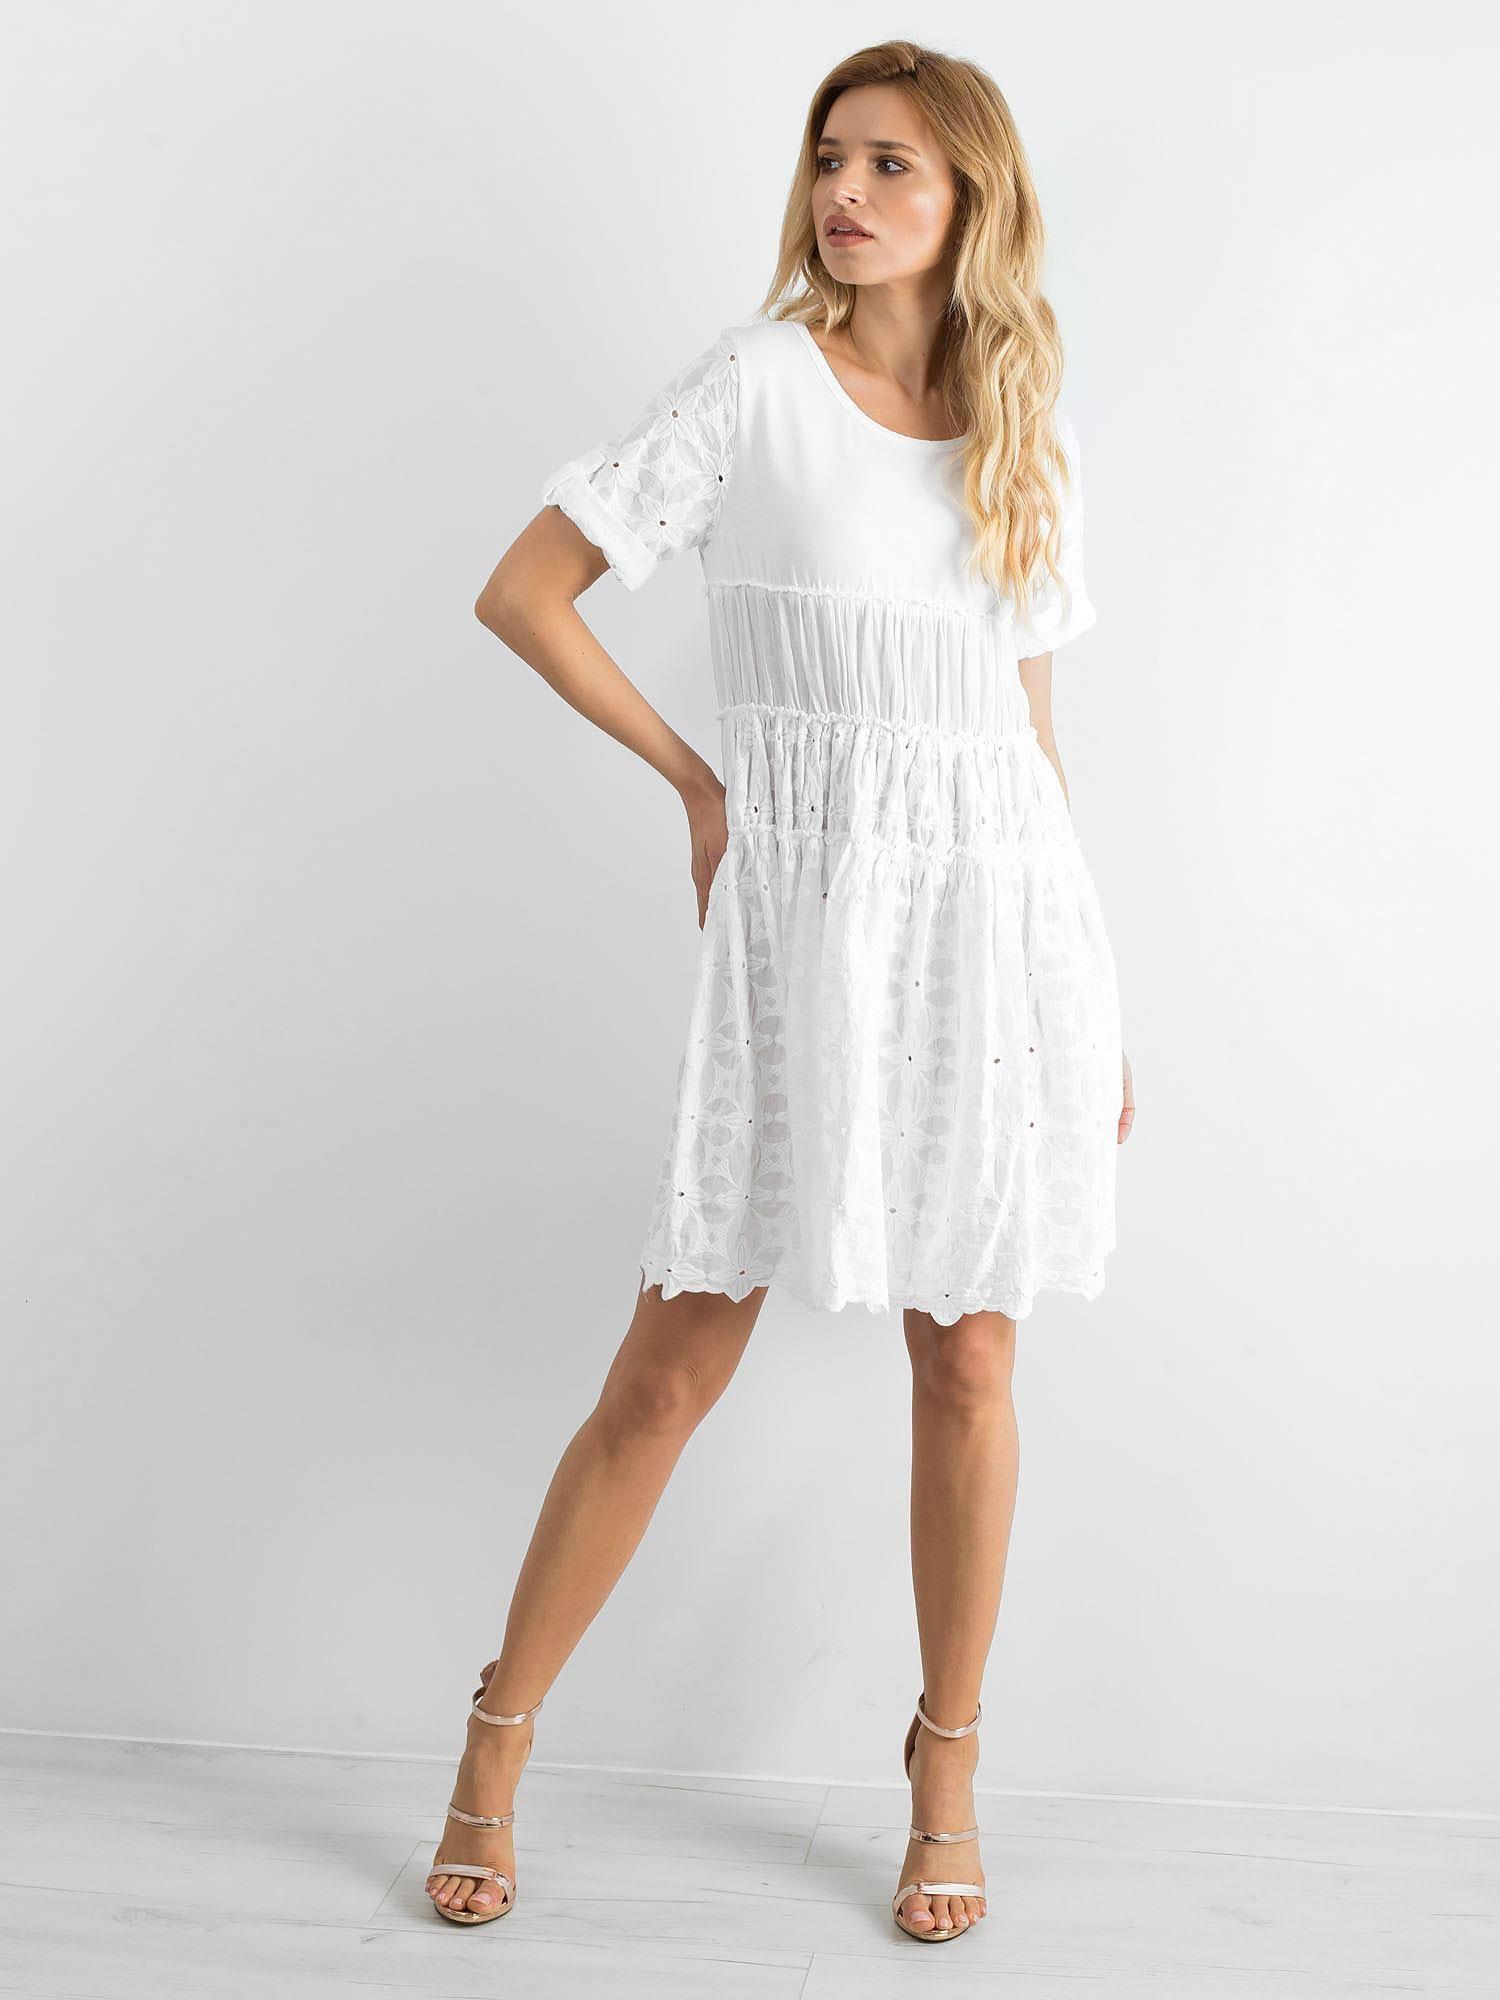 ef5dd433b7 Biała rozkloszowana sukienka z haftem - Sukienka rozkloszowana - sklep  eButik.pl